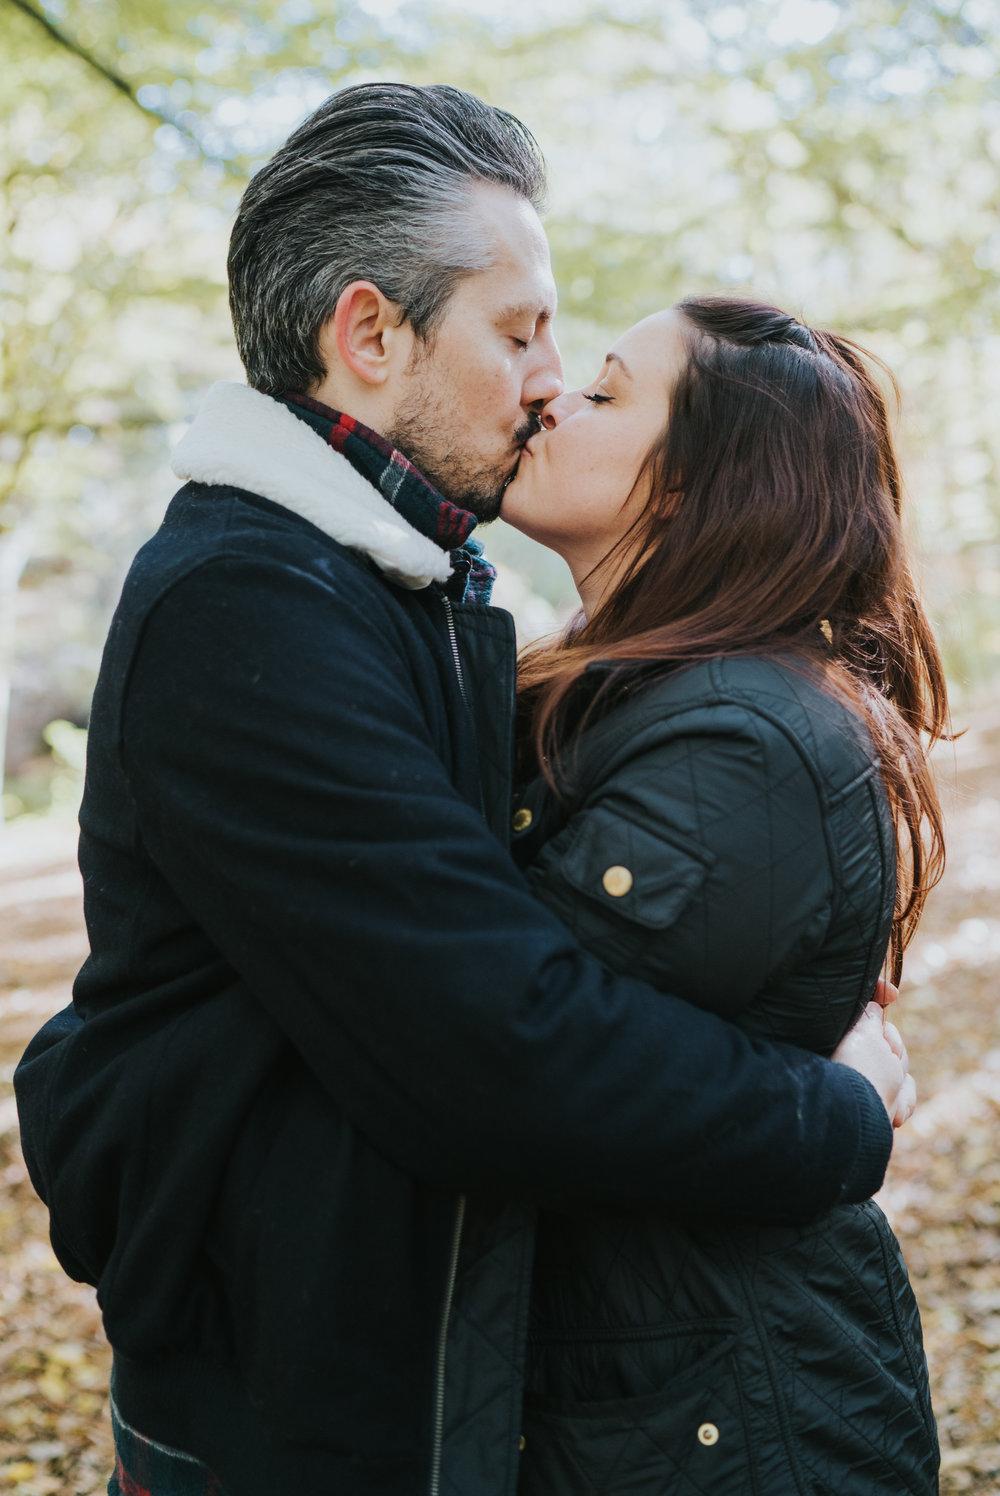 dow-woodland-family-session-colchester-essex-grace-elizabeth-colchester-essex-alternative-wedding-lifestyle-photographer-essex-suffolk-norfolk-devon (23 of 31).jpg